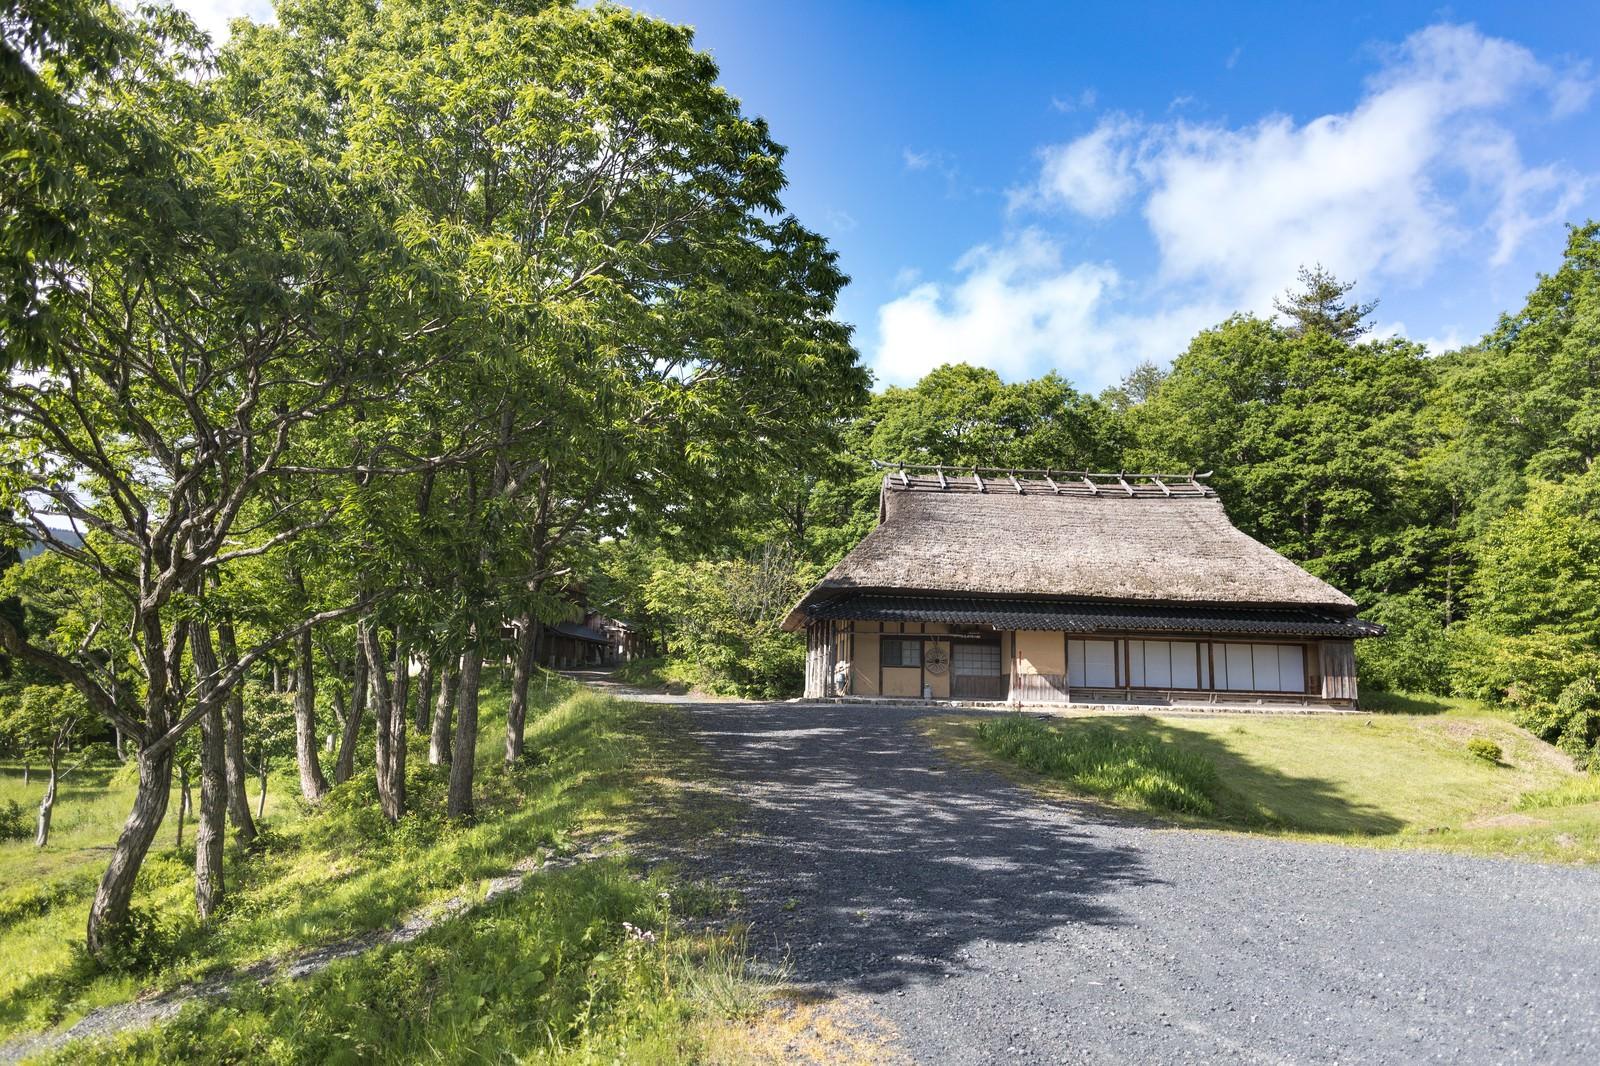 「日本の原風景が残る岡山県鏡野町のうたたねの里日本の原風景が残る岡山県鏡野町のうたたねの里」のフリー写真素材を拡大